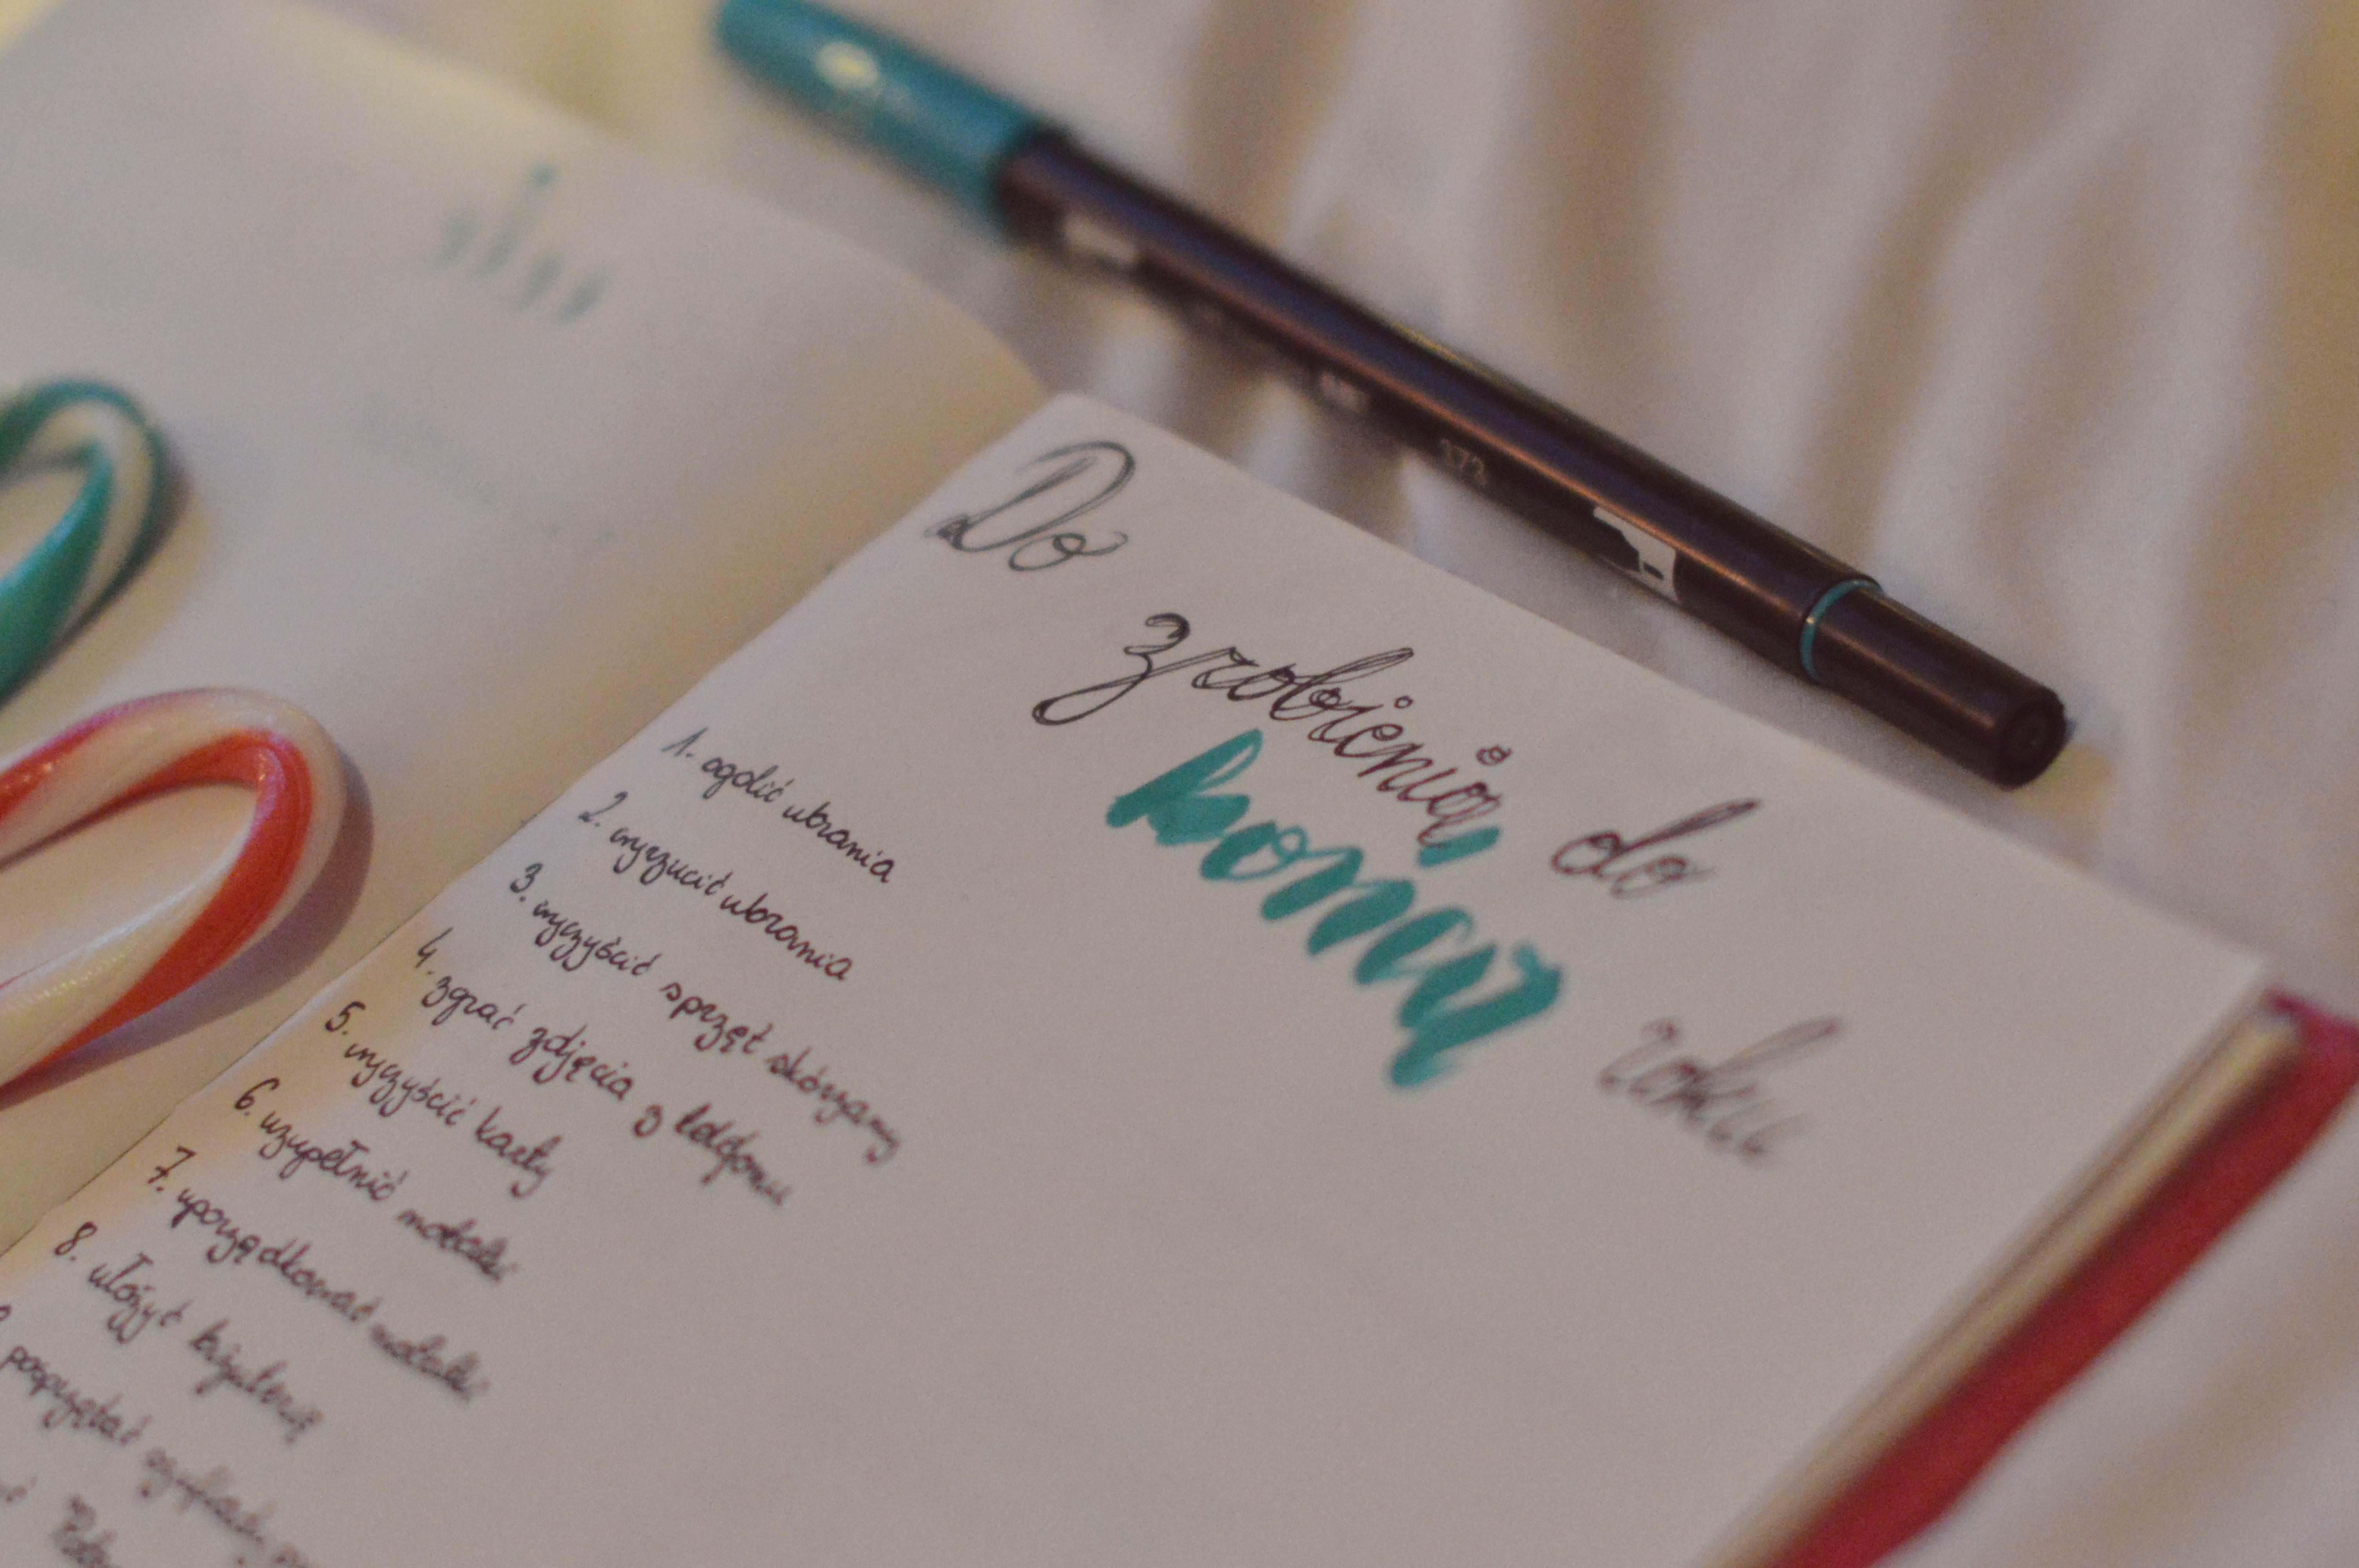 15 rzeczy, które chcę zrobić do końca 2017 roku